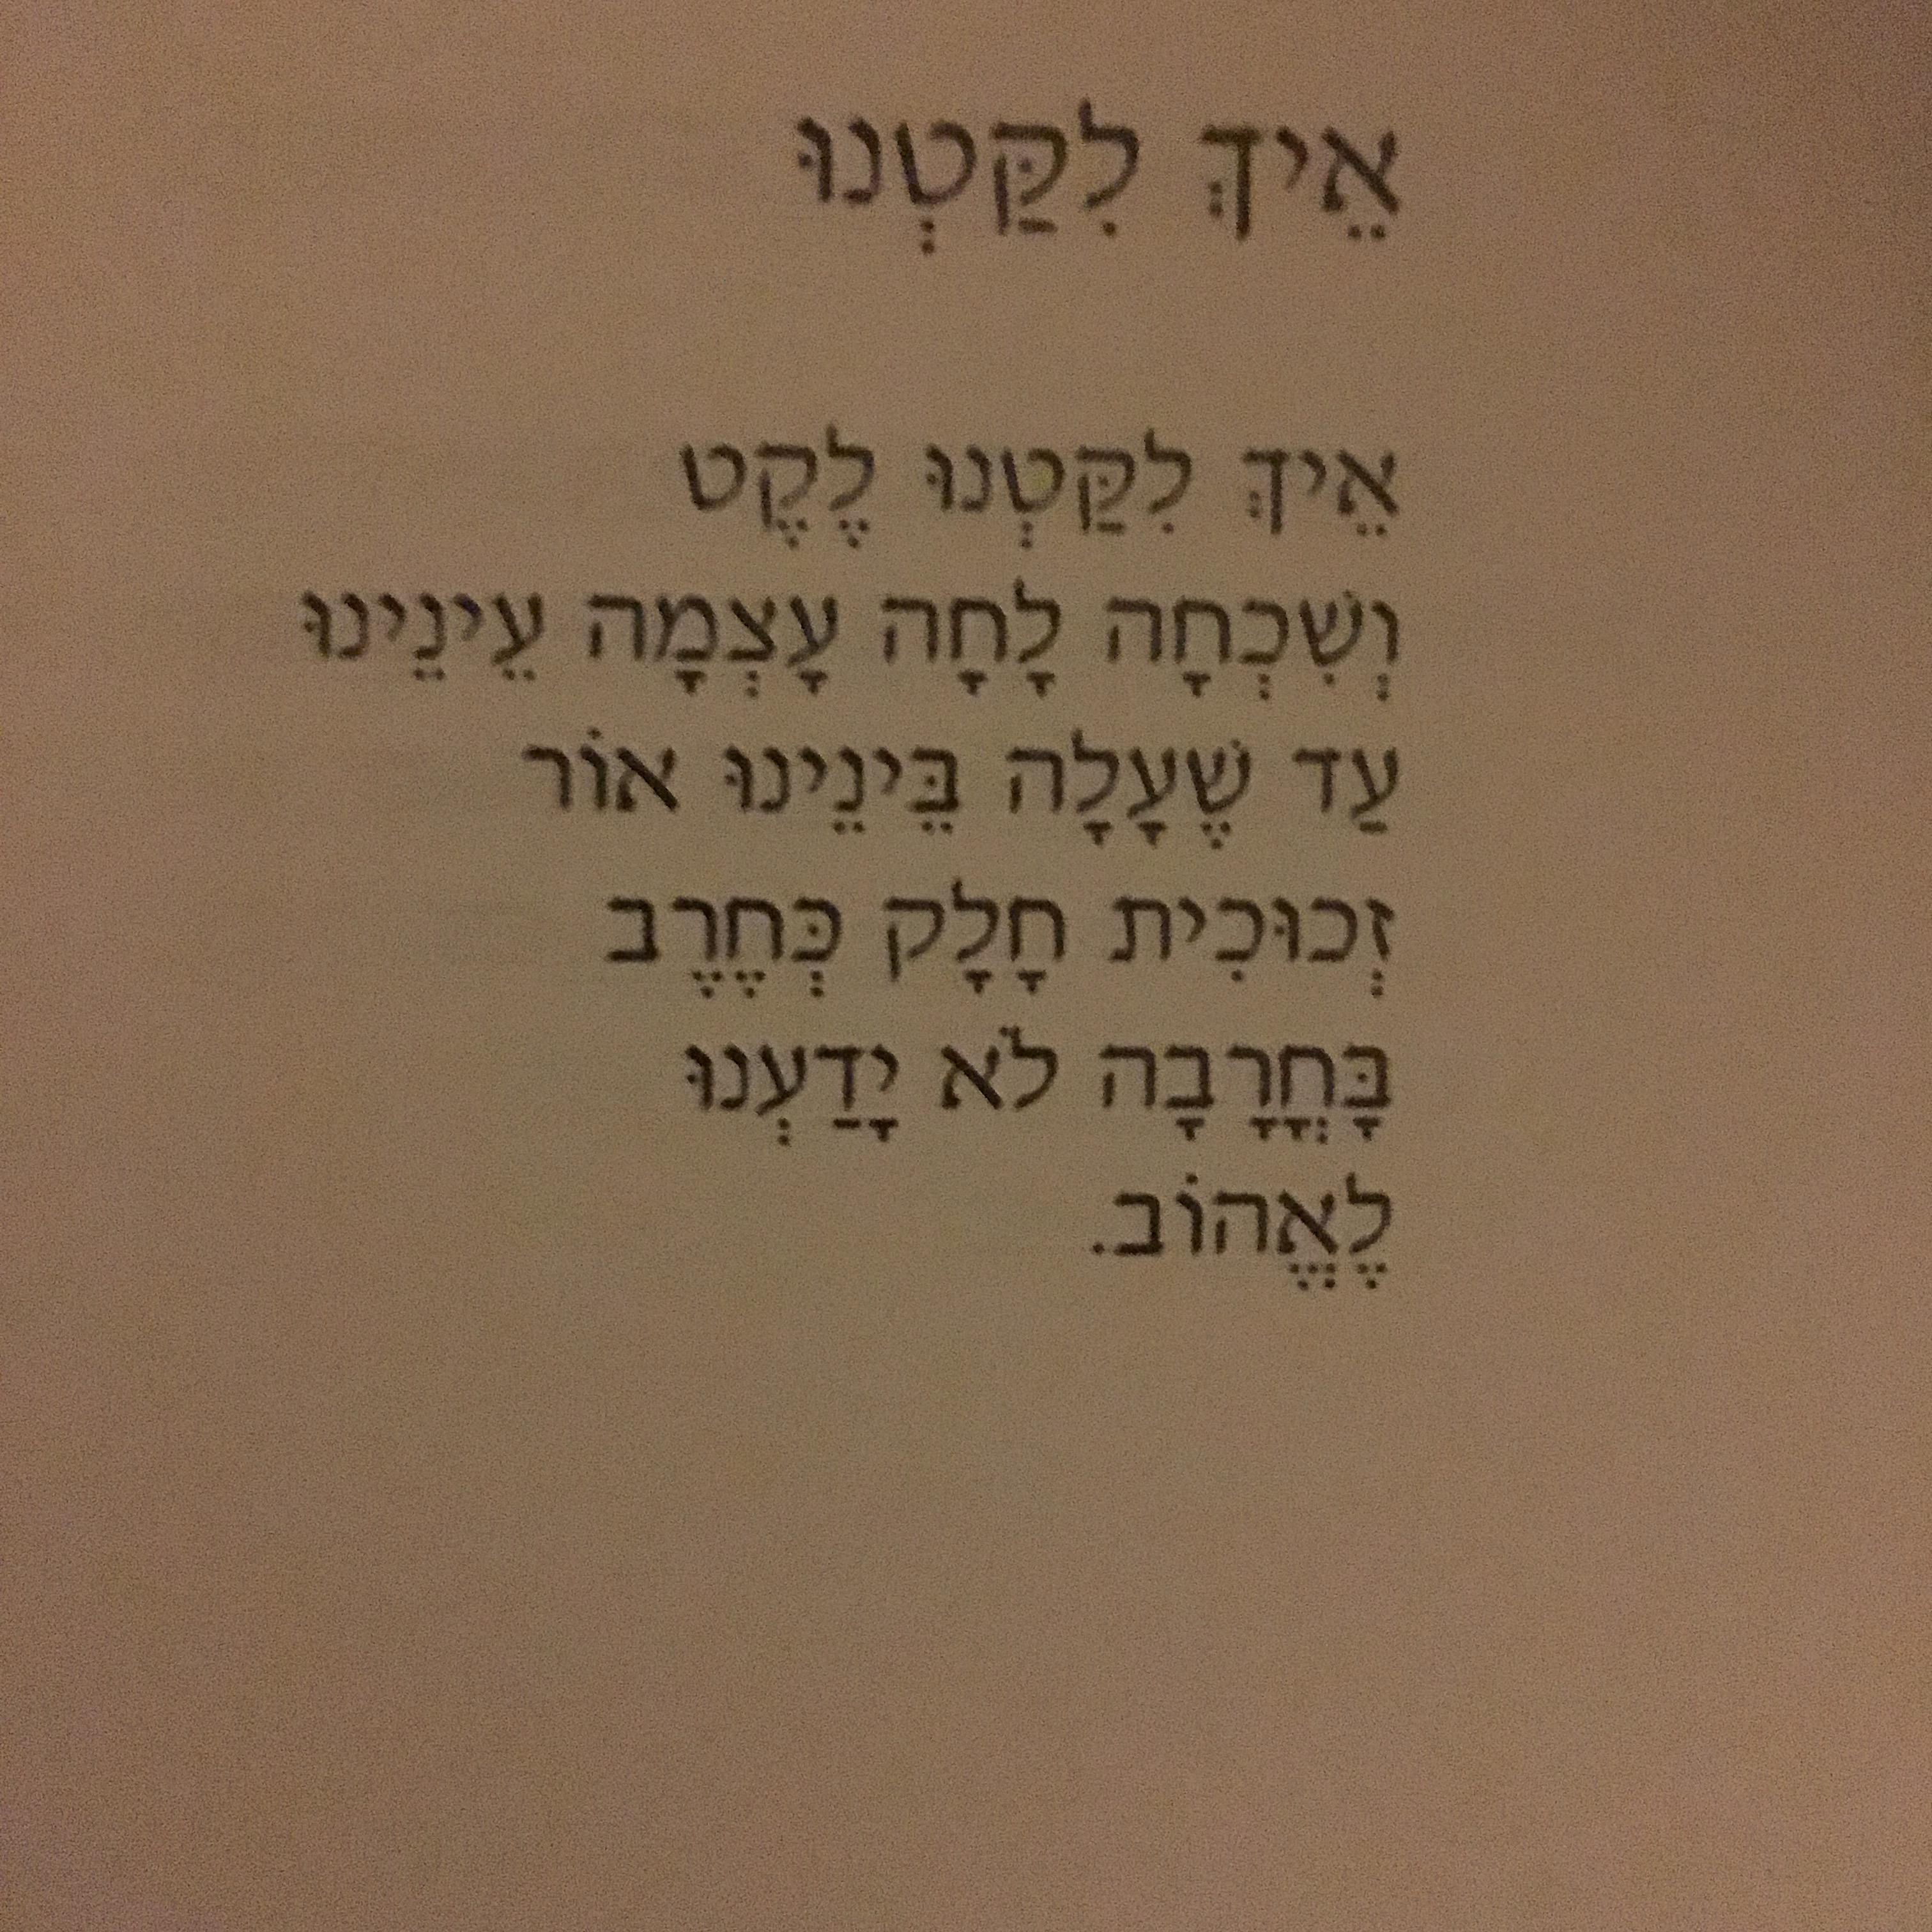 בראשית שלי שירים by Shulamit Sapir-Nevo - Illustrated by   . איורים ג'ורג' יונס . צילומים שולמית ספיר-נבו - Ourboox.com